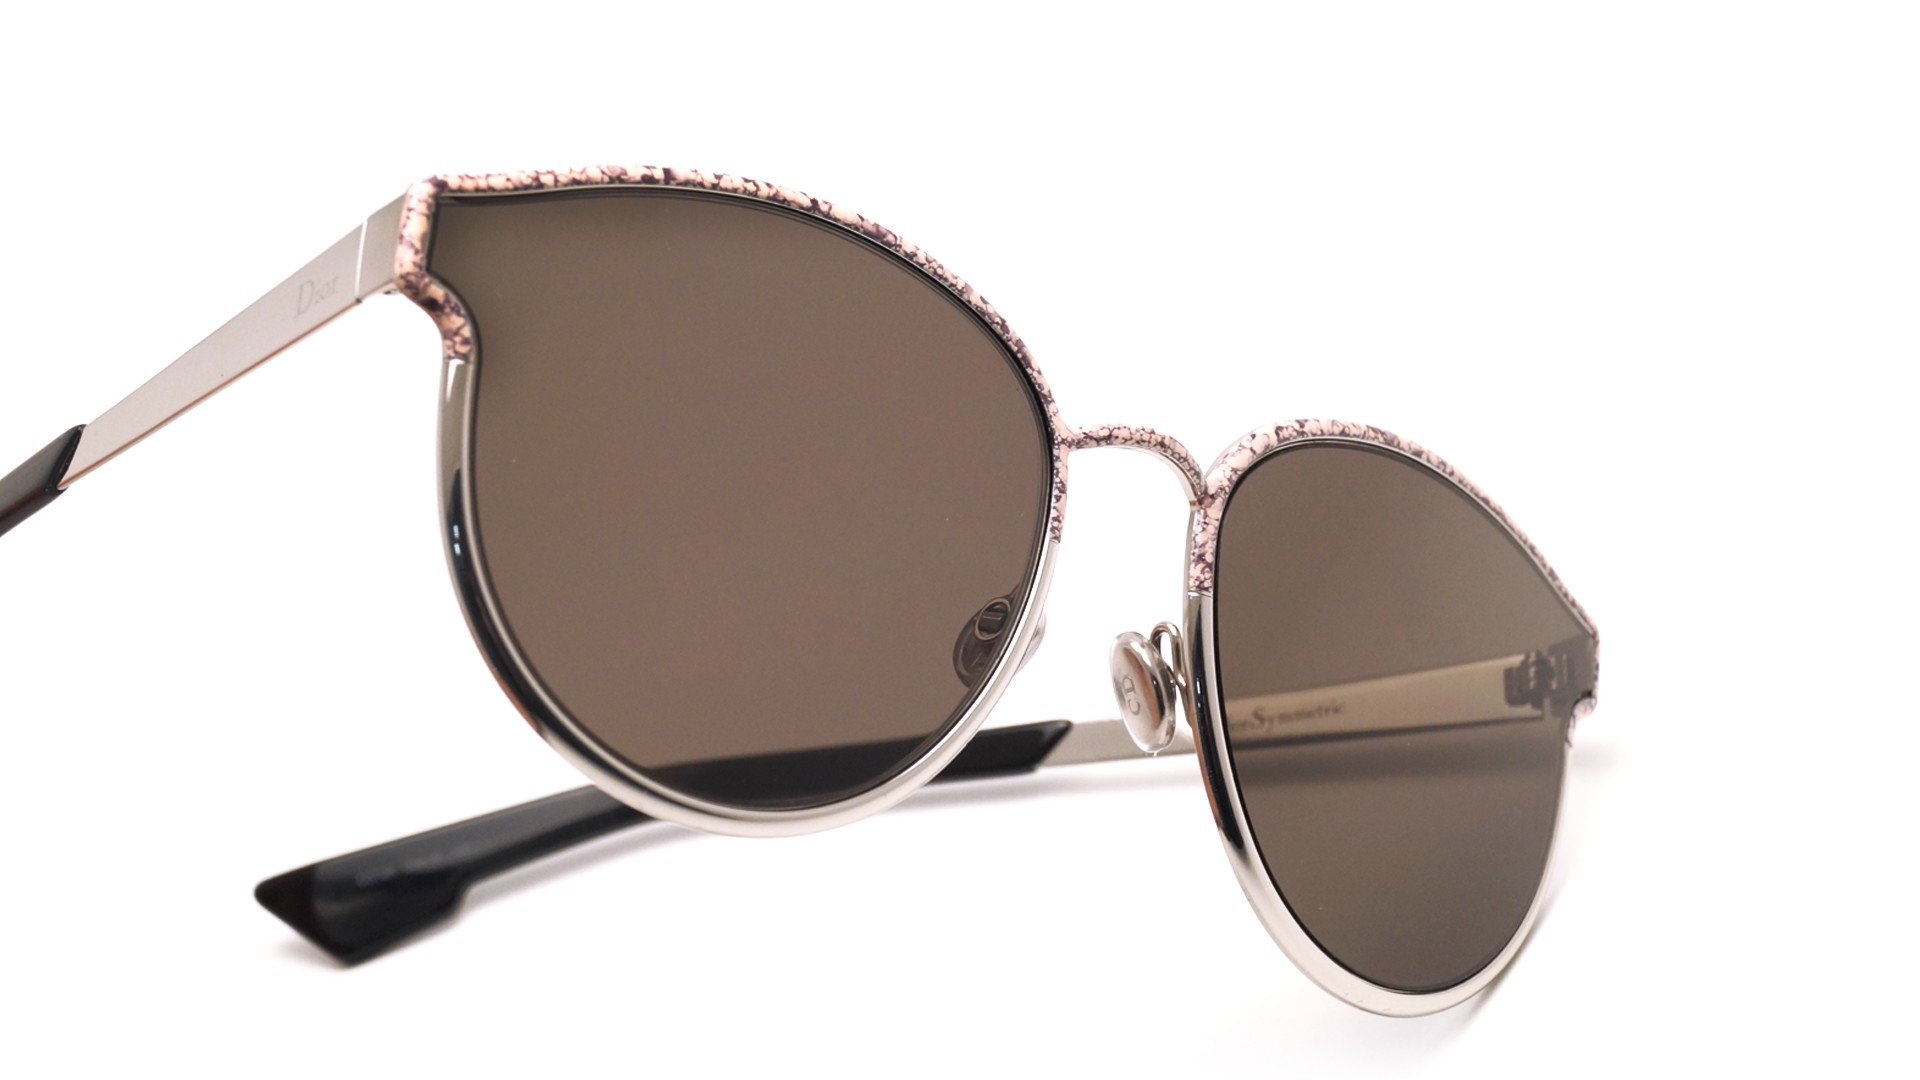 6e3d0ce088 Sunglasses Dior Symmetric Silver SYMMETRIC O3T2K 59-19 Medium